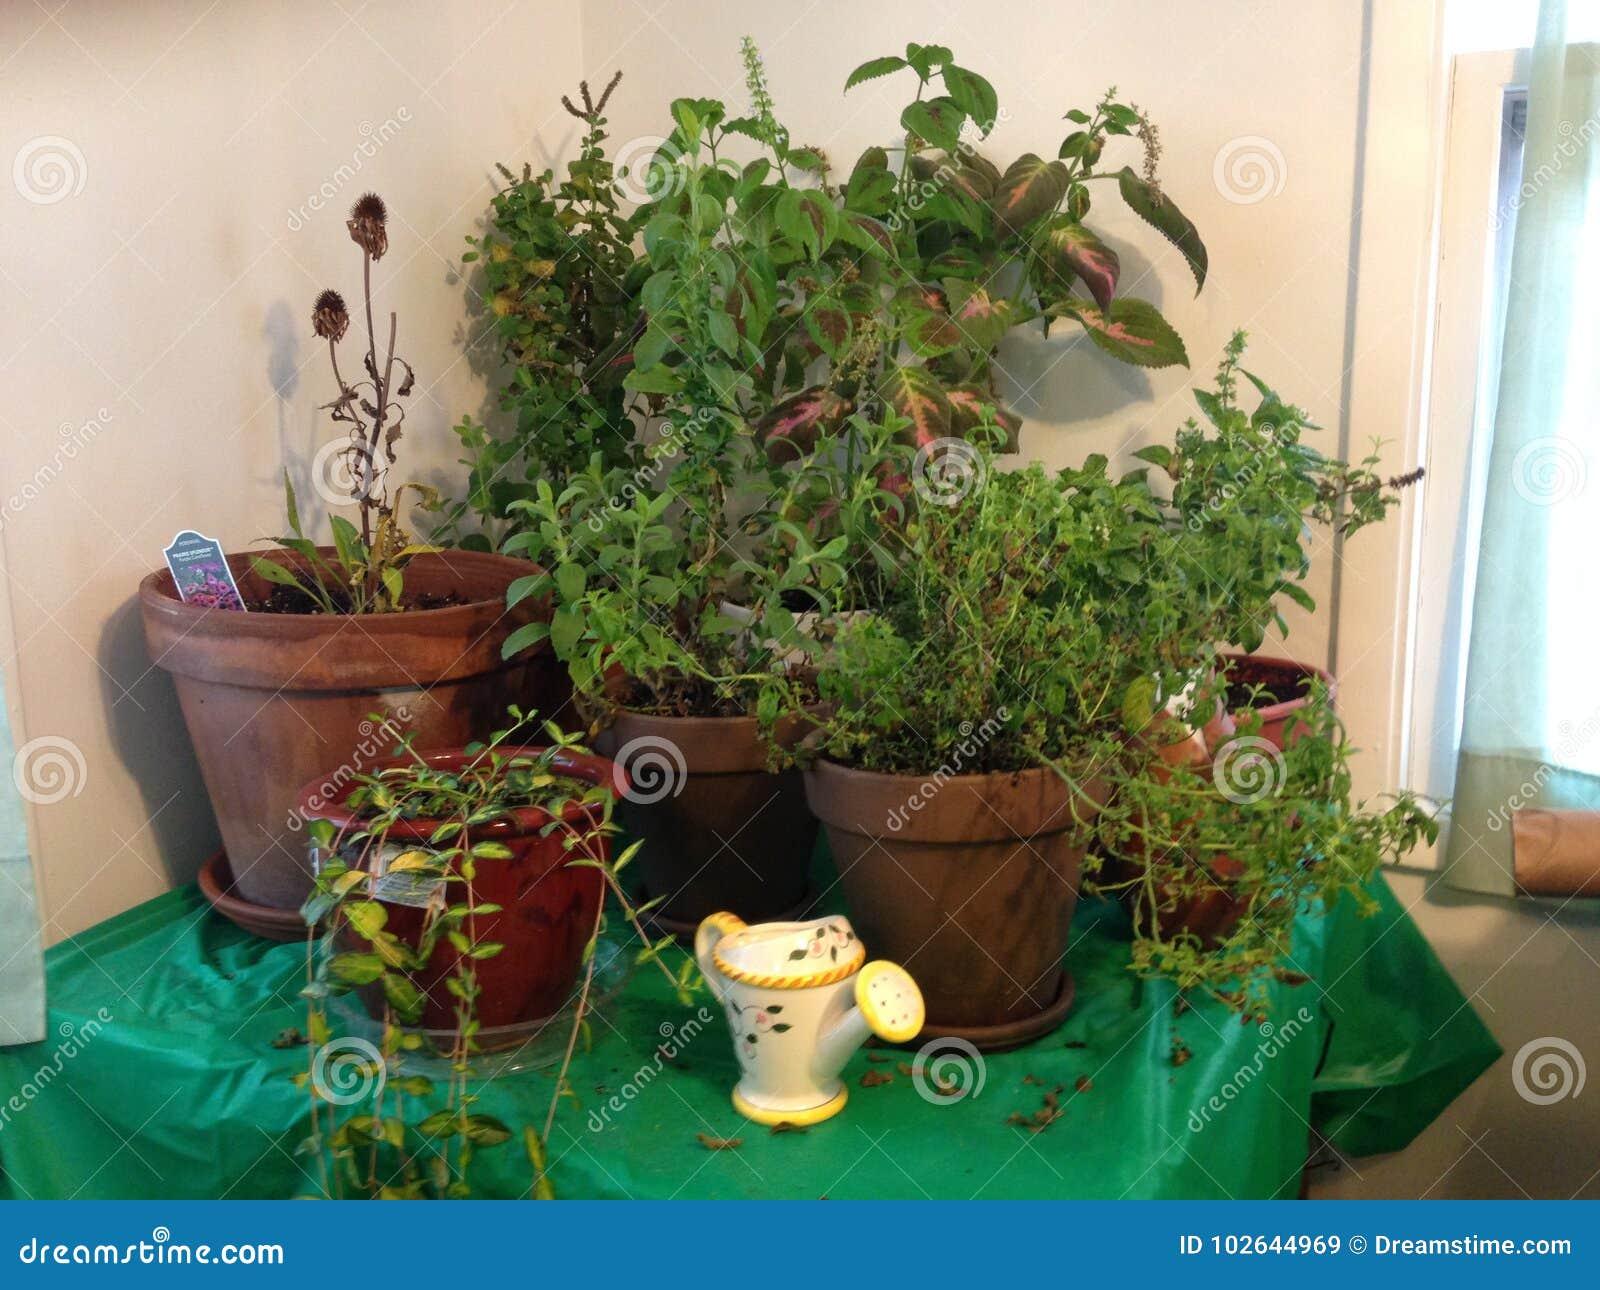 Indoor Herb Garden stock image. Image of indoors, growing - 102644969